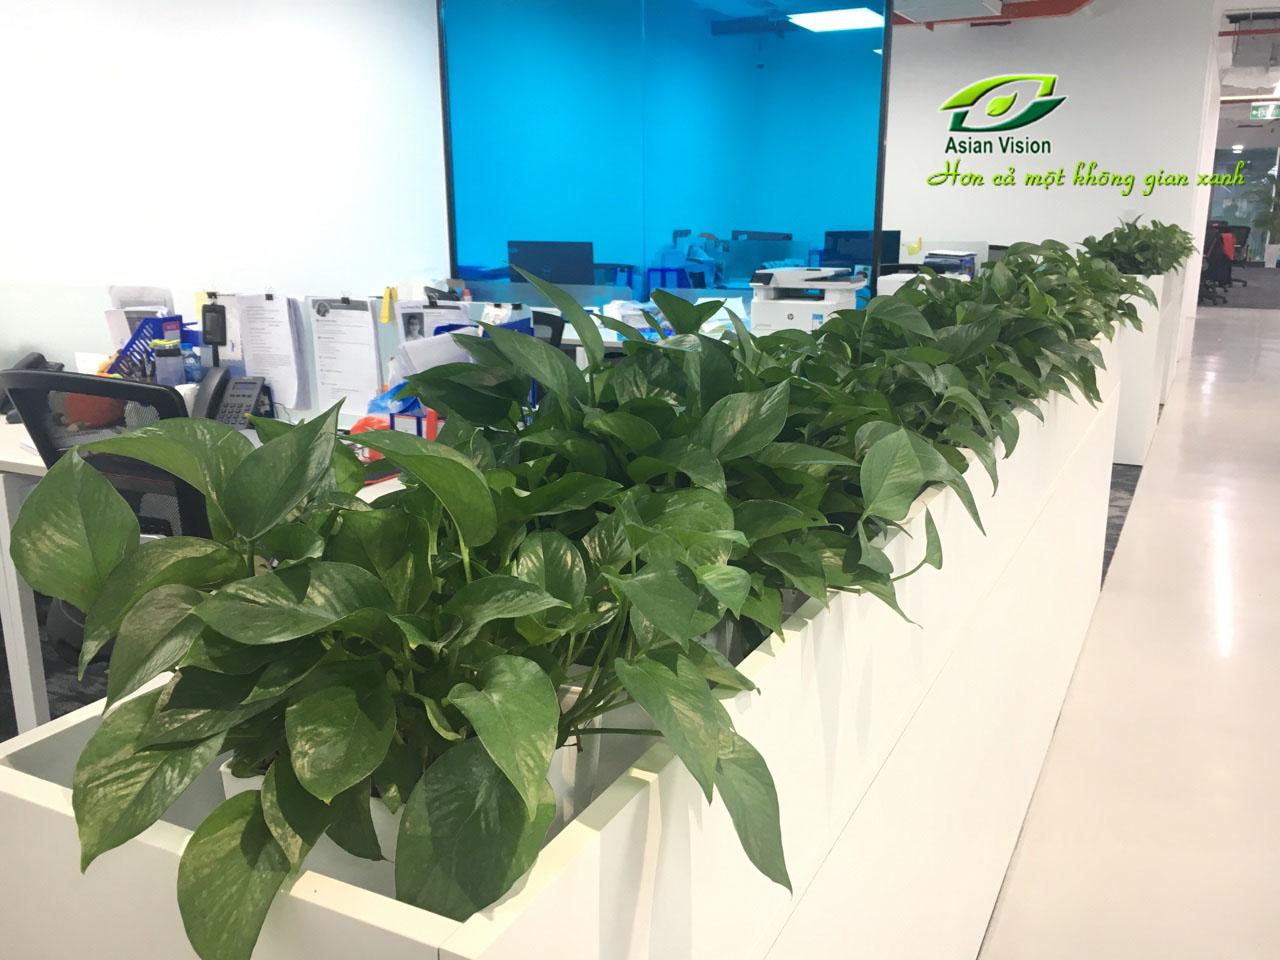 5 loại cây xanh văn phòng lọc không khí cực đỉnh